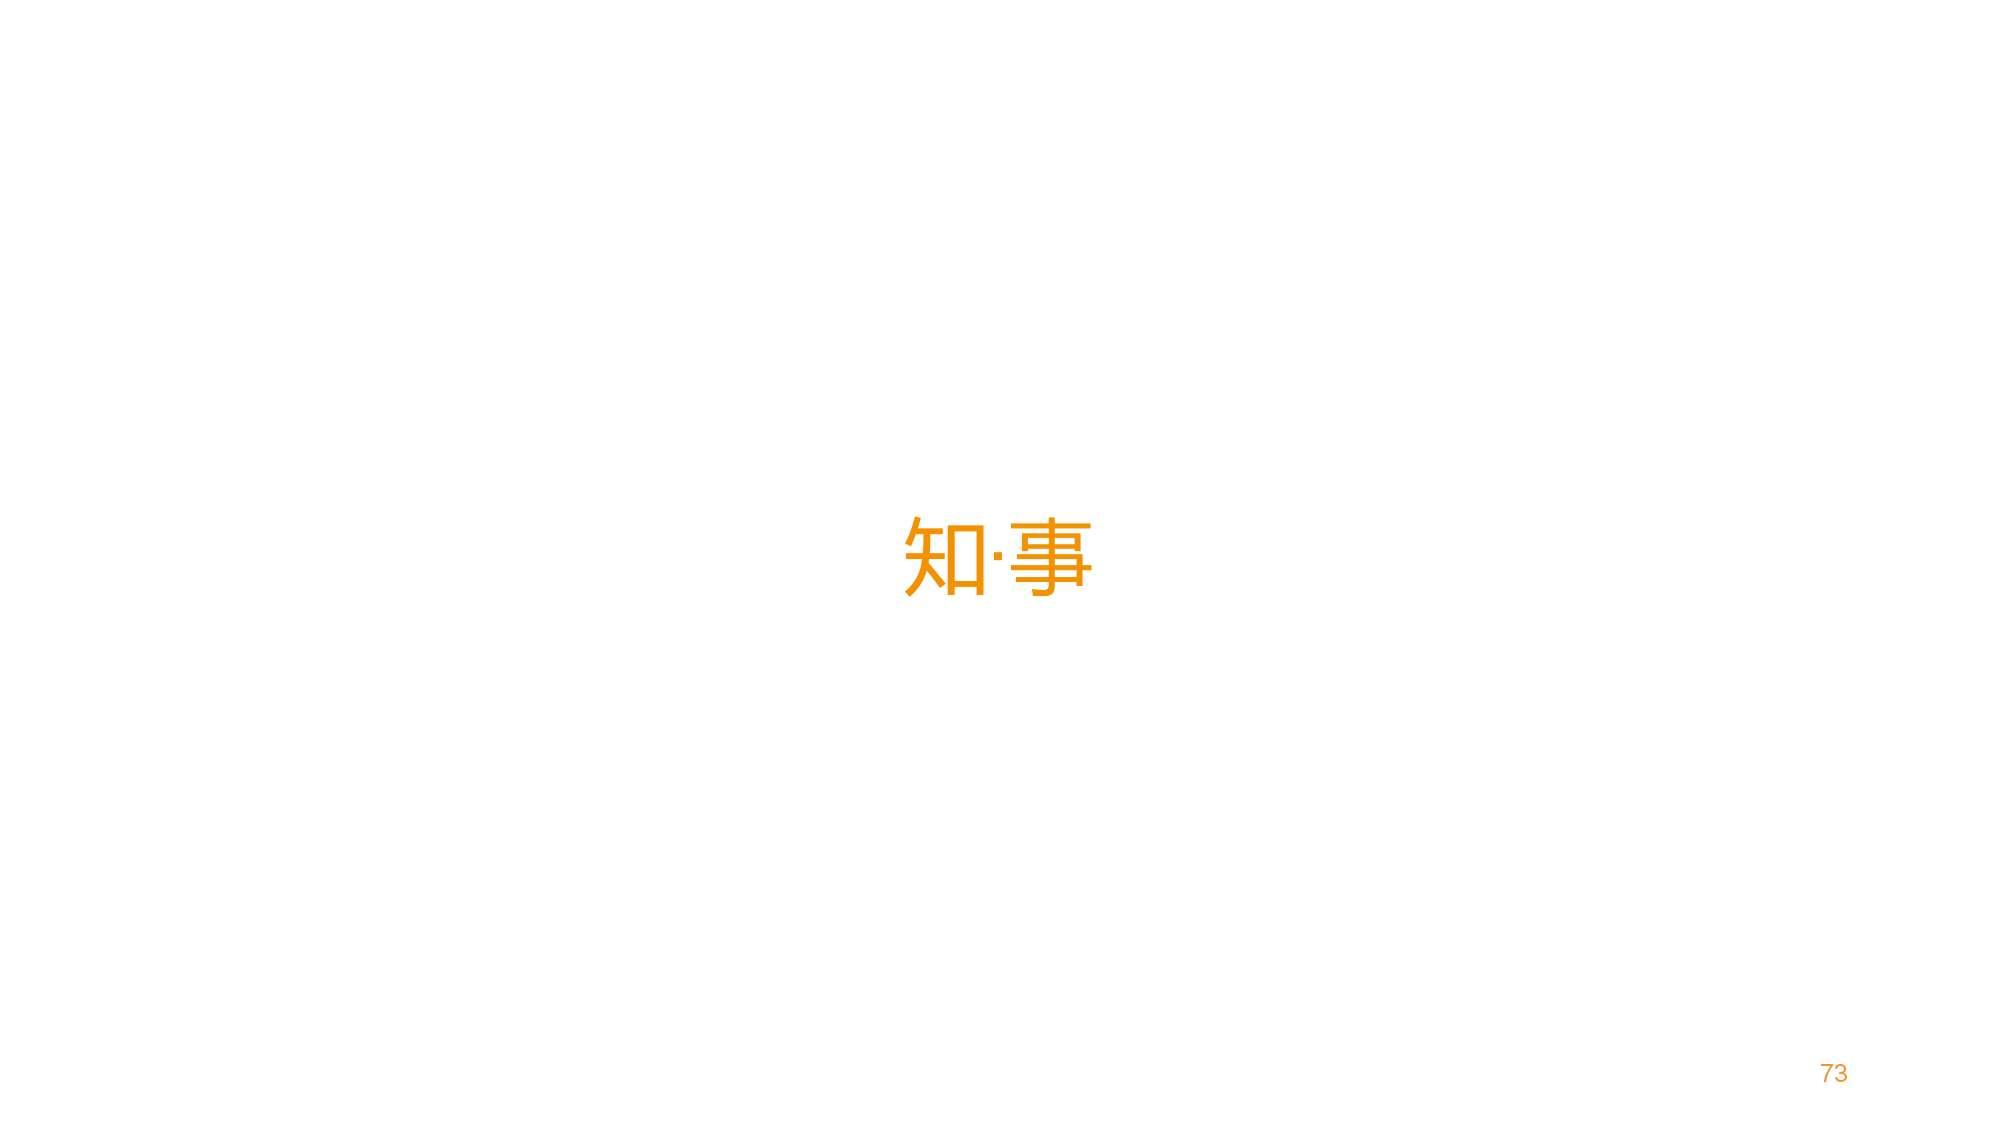 中国智能出行2015大数据报告_000073